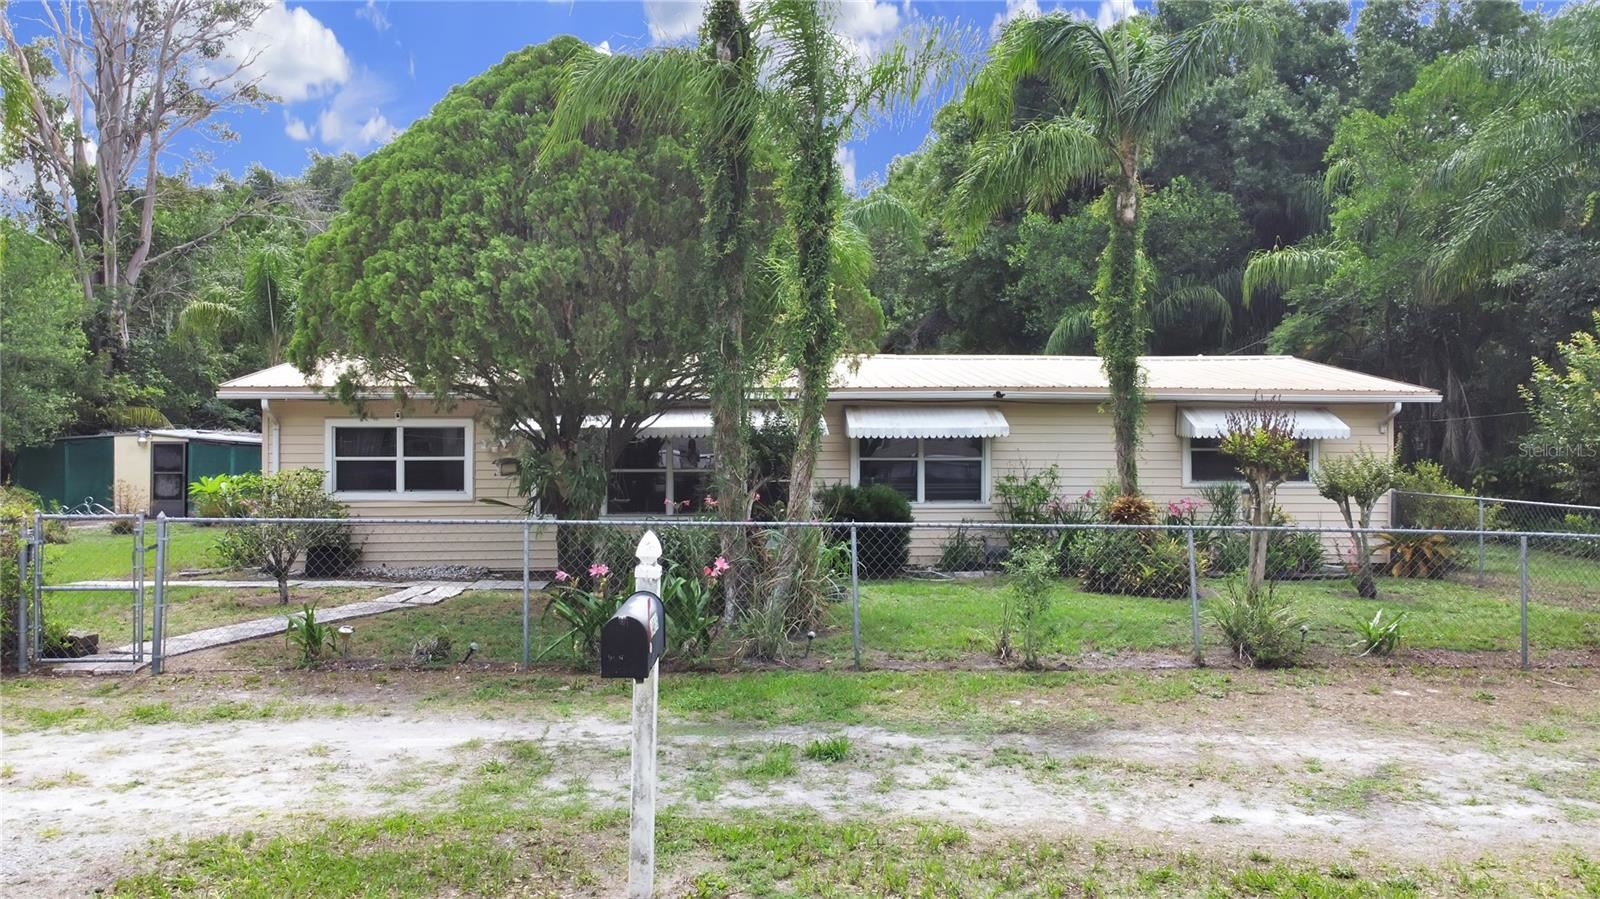 14819 N 20TH STREET, Lutz, FL 33549 - MLS#: T3313198